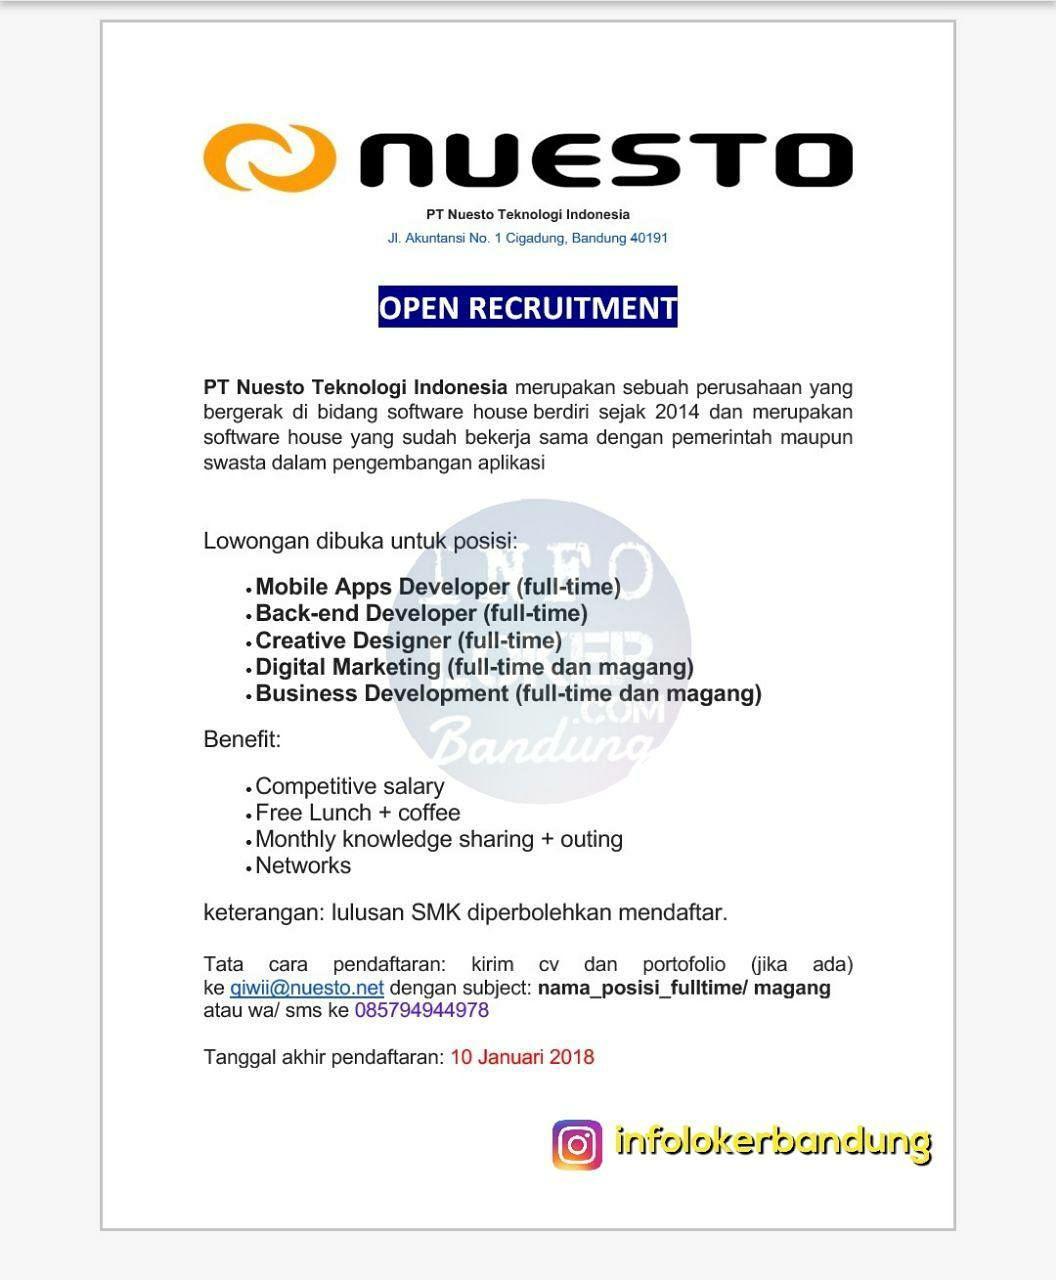 Lowongan Kerja PT. Nuesto Teknologi Indonesia Bandung Desember 2017